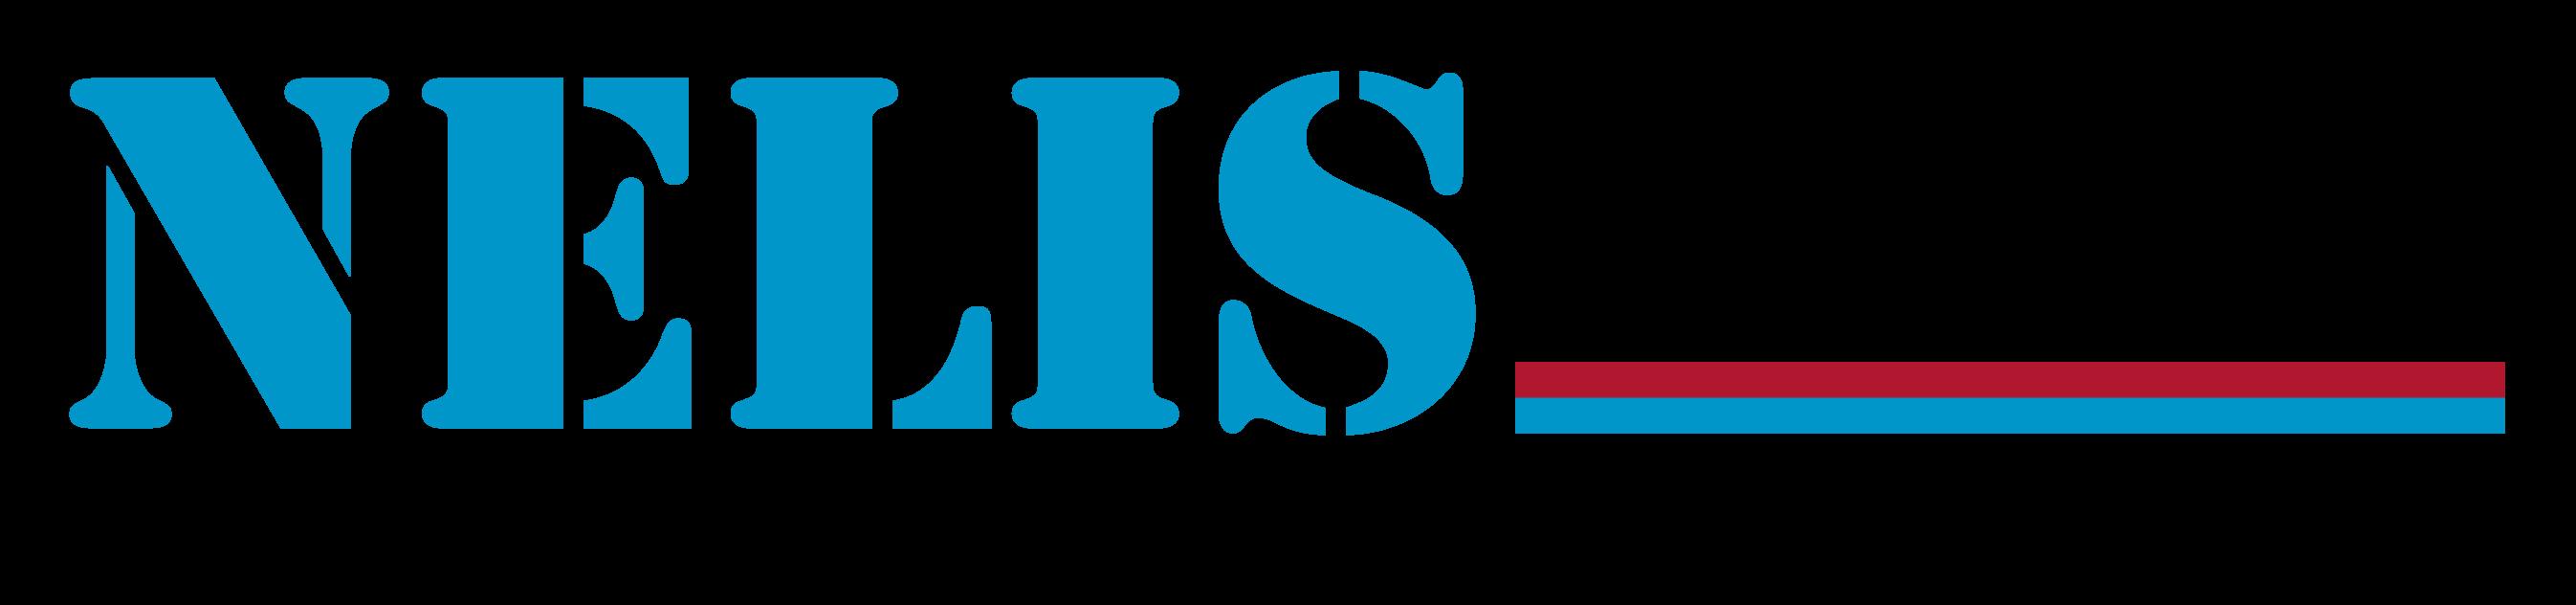 Nelis Vakhandel & Installatiebedrijf